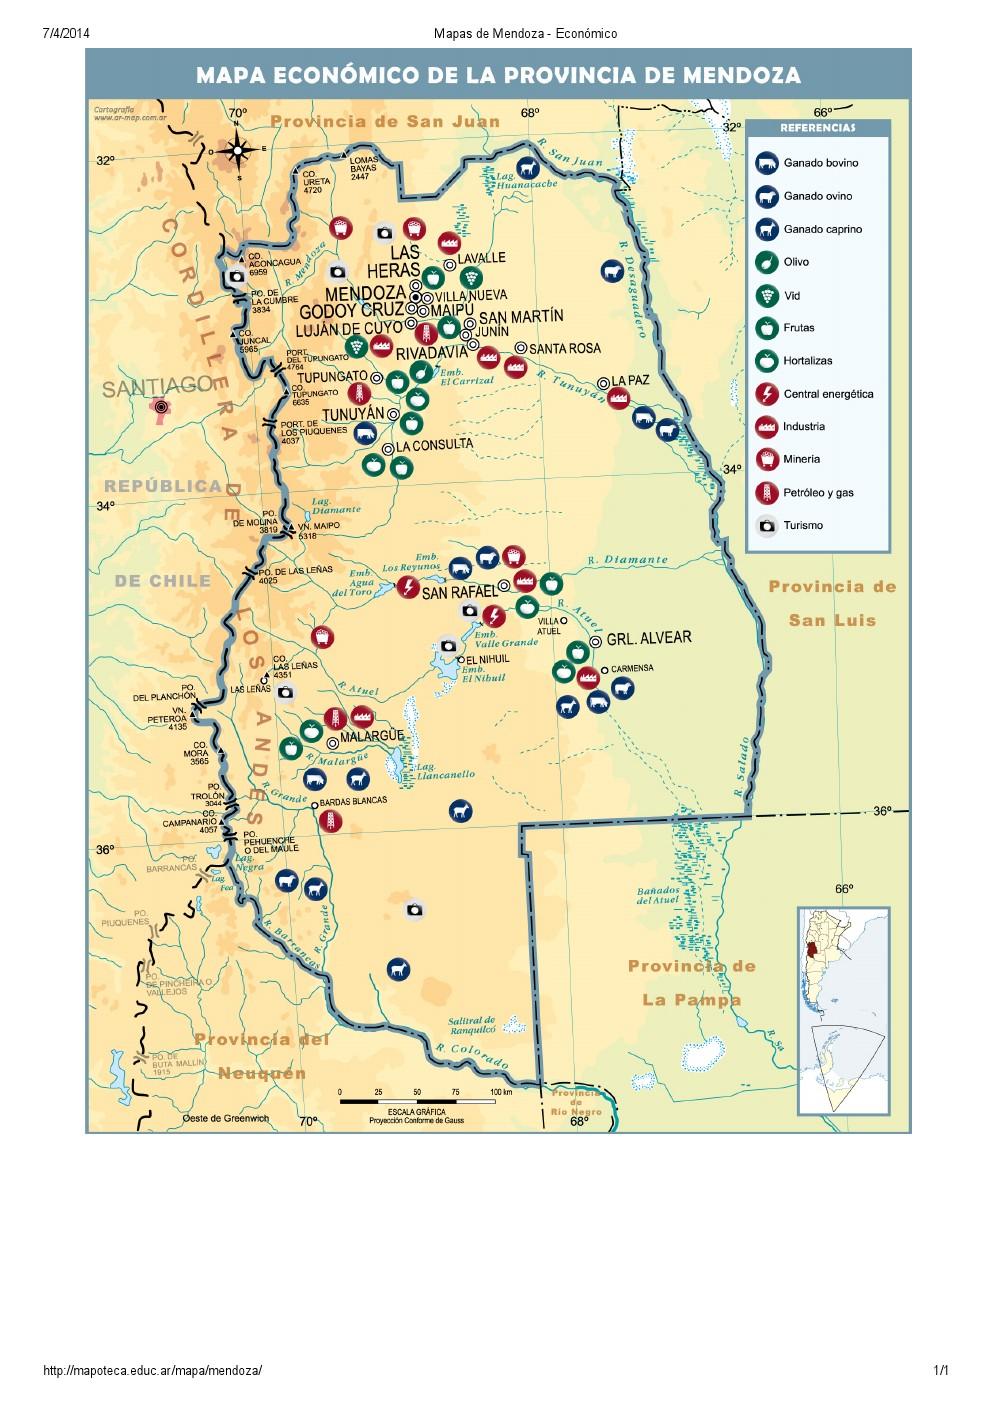 Mapa económico de Mendoza. Mapoteca de Educ.ar